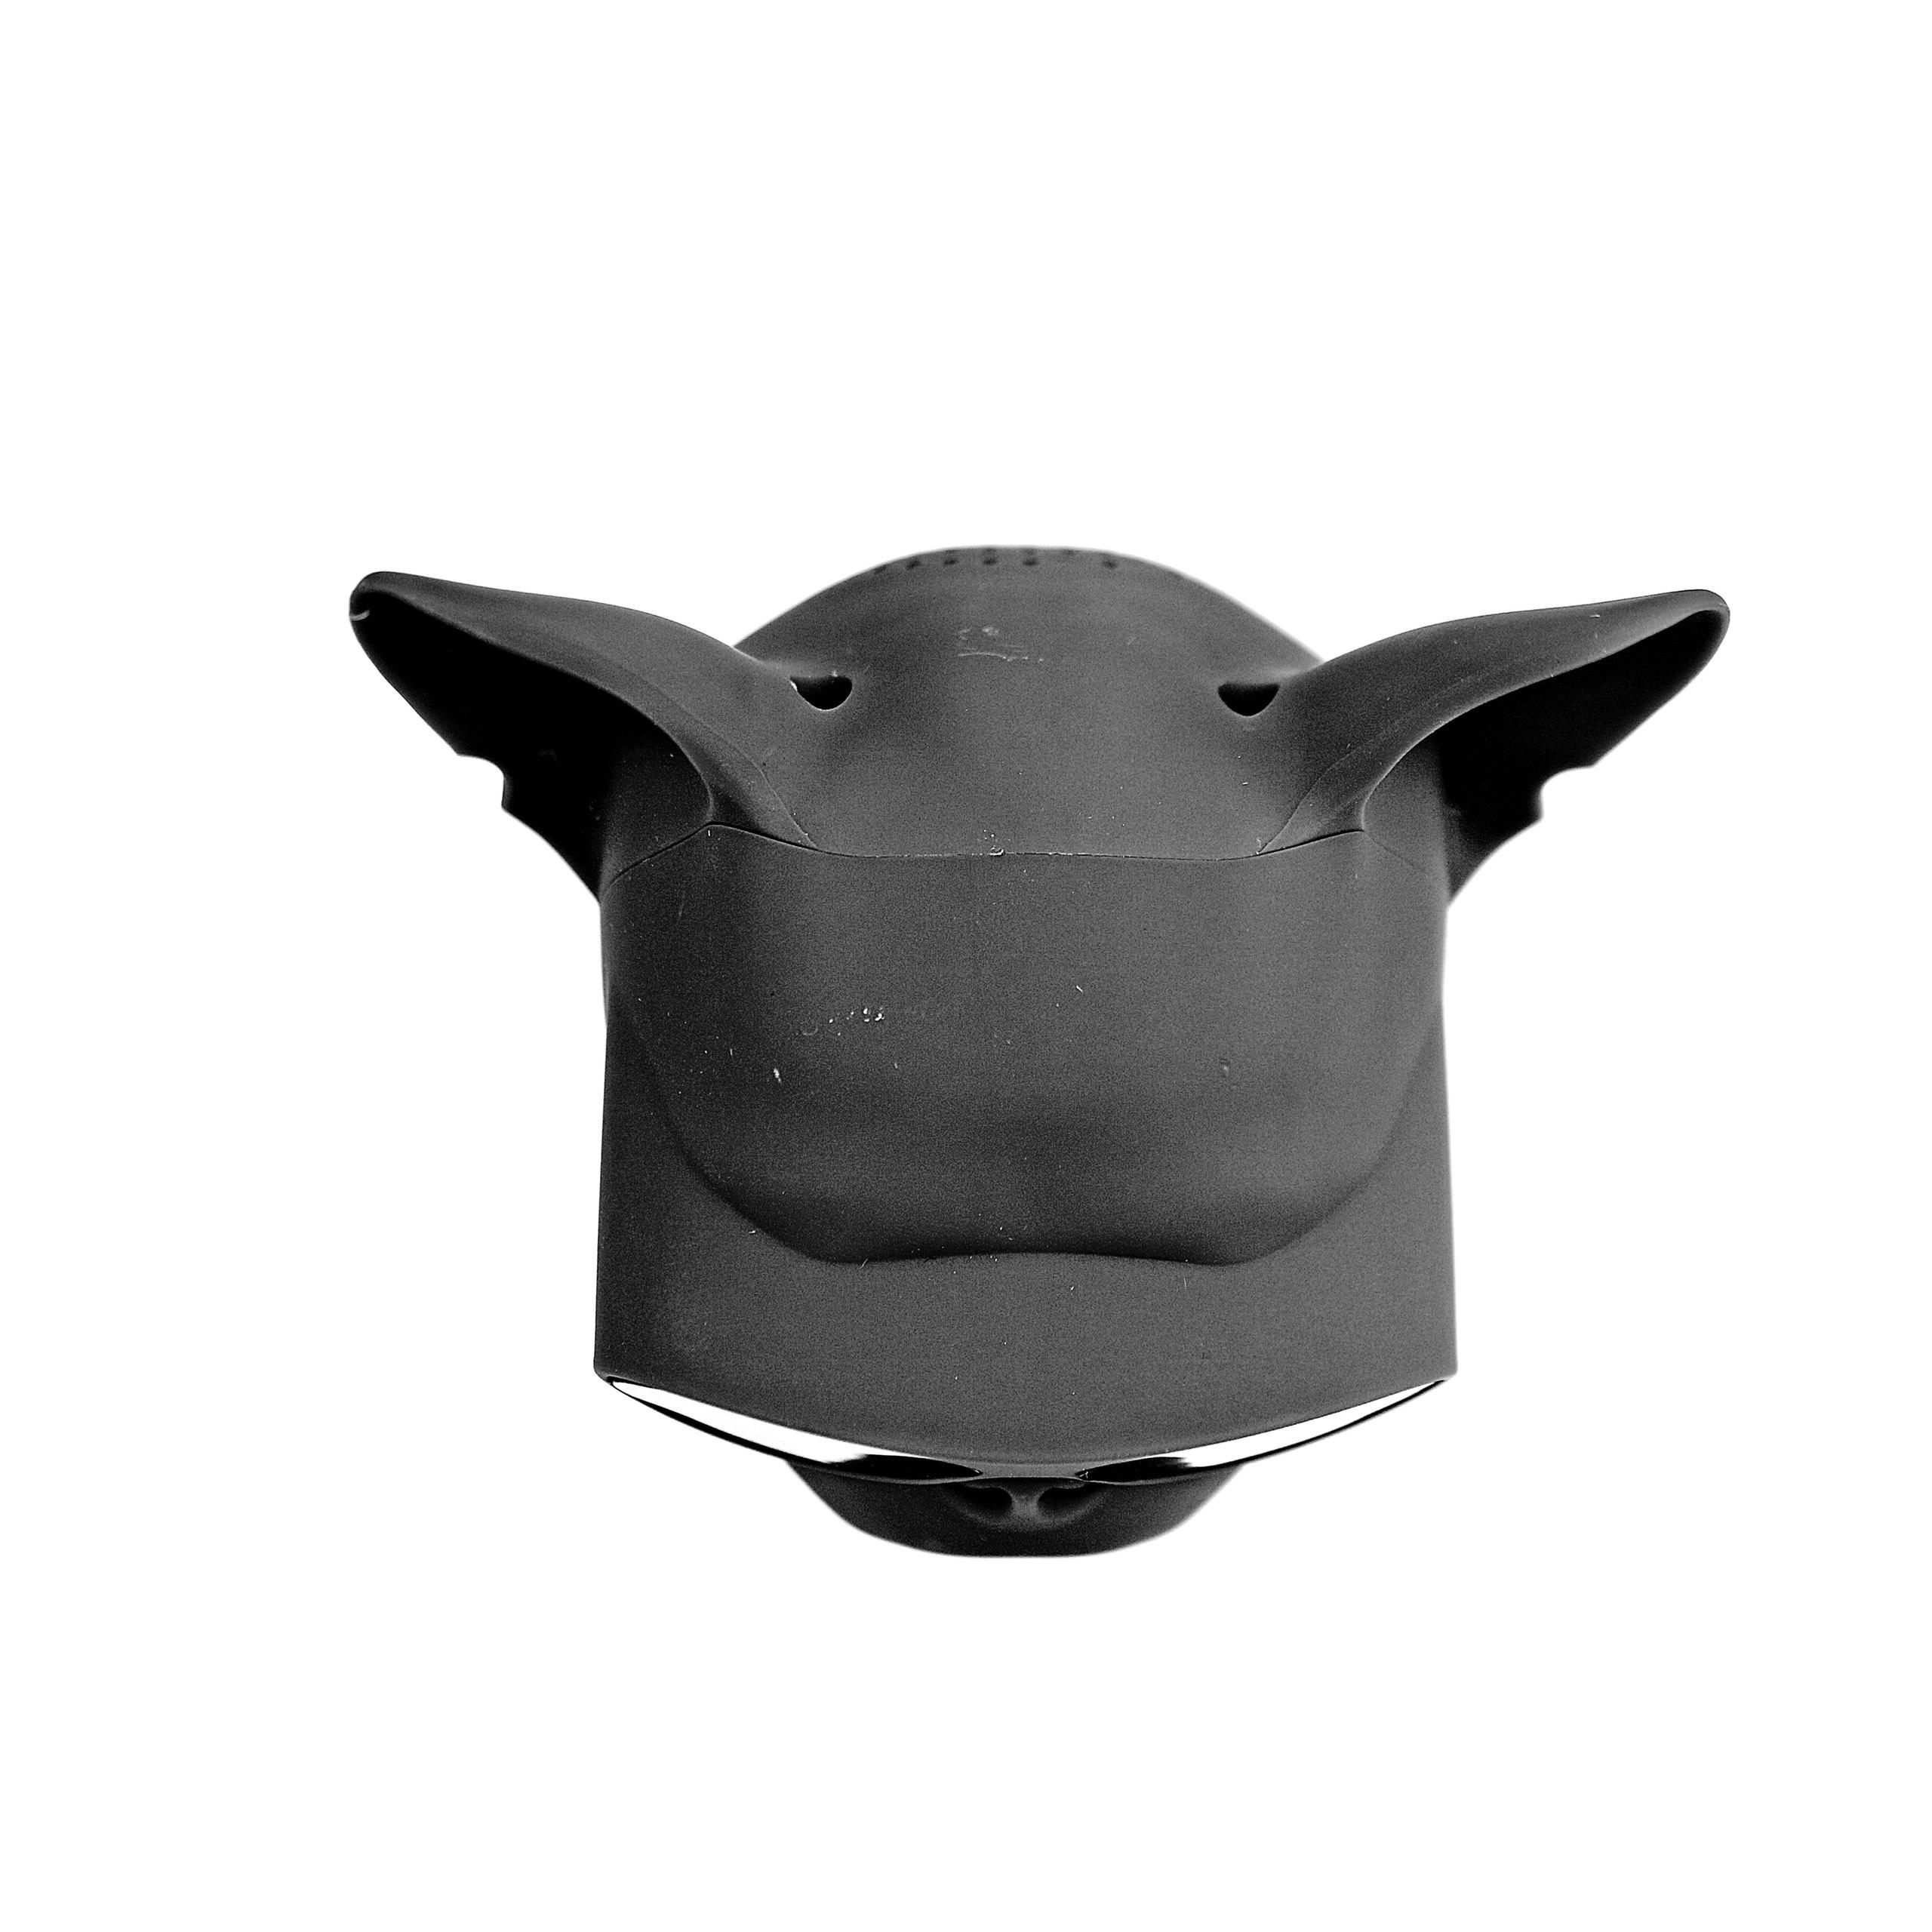 Loa Bluetooth Mini Đầu Chó Bull GUTEK L1, Loa Cầm Tay Không Dây Di Động Nghe Nhạc Cực Hay Pin Sạc Dùng Lâu Màu Sắc Đa Dạng, Cá Tính Chống Thấm Nước Tốt Hỗ Trợ Thẻ Nhớ, Đài Fm, USB, Cổng 3.5, Nhiều Màu Sắc - Hàng Chính Hãng